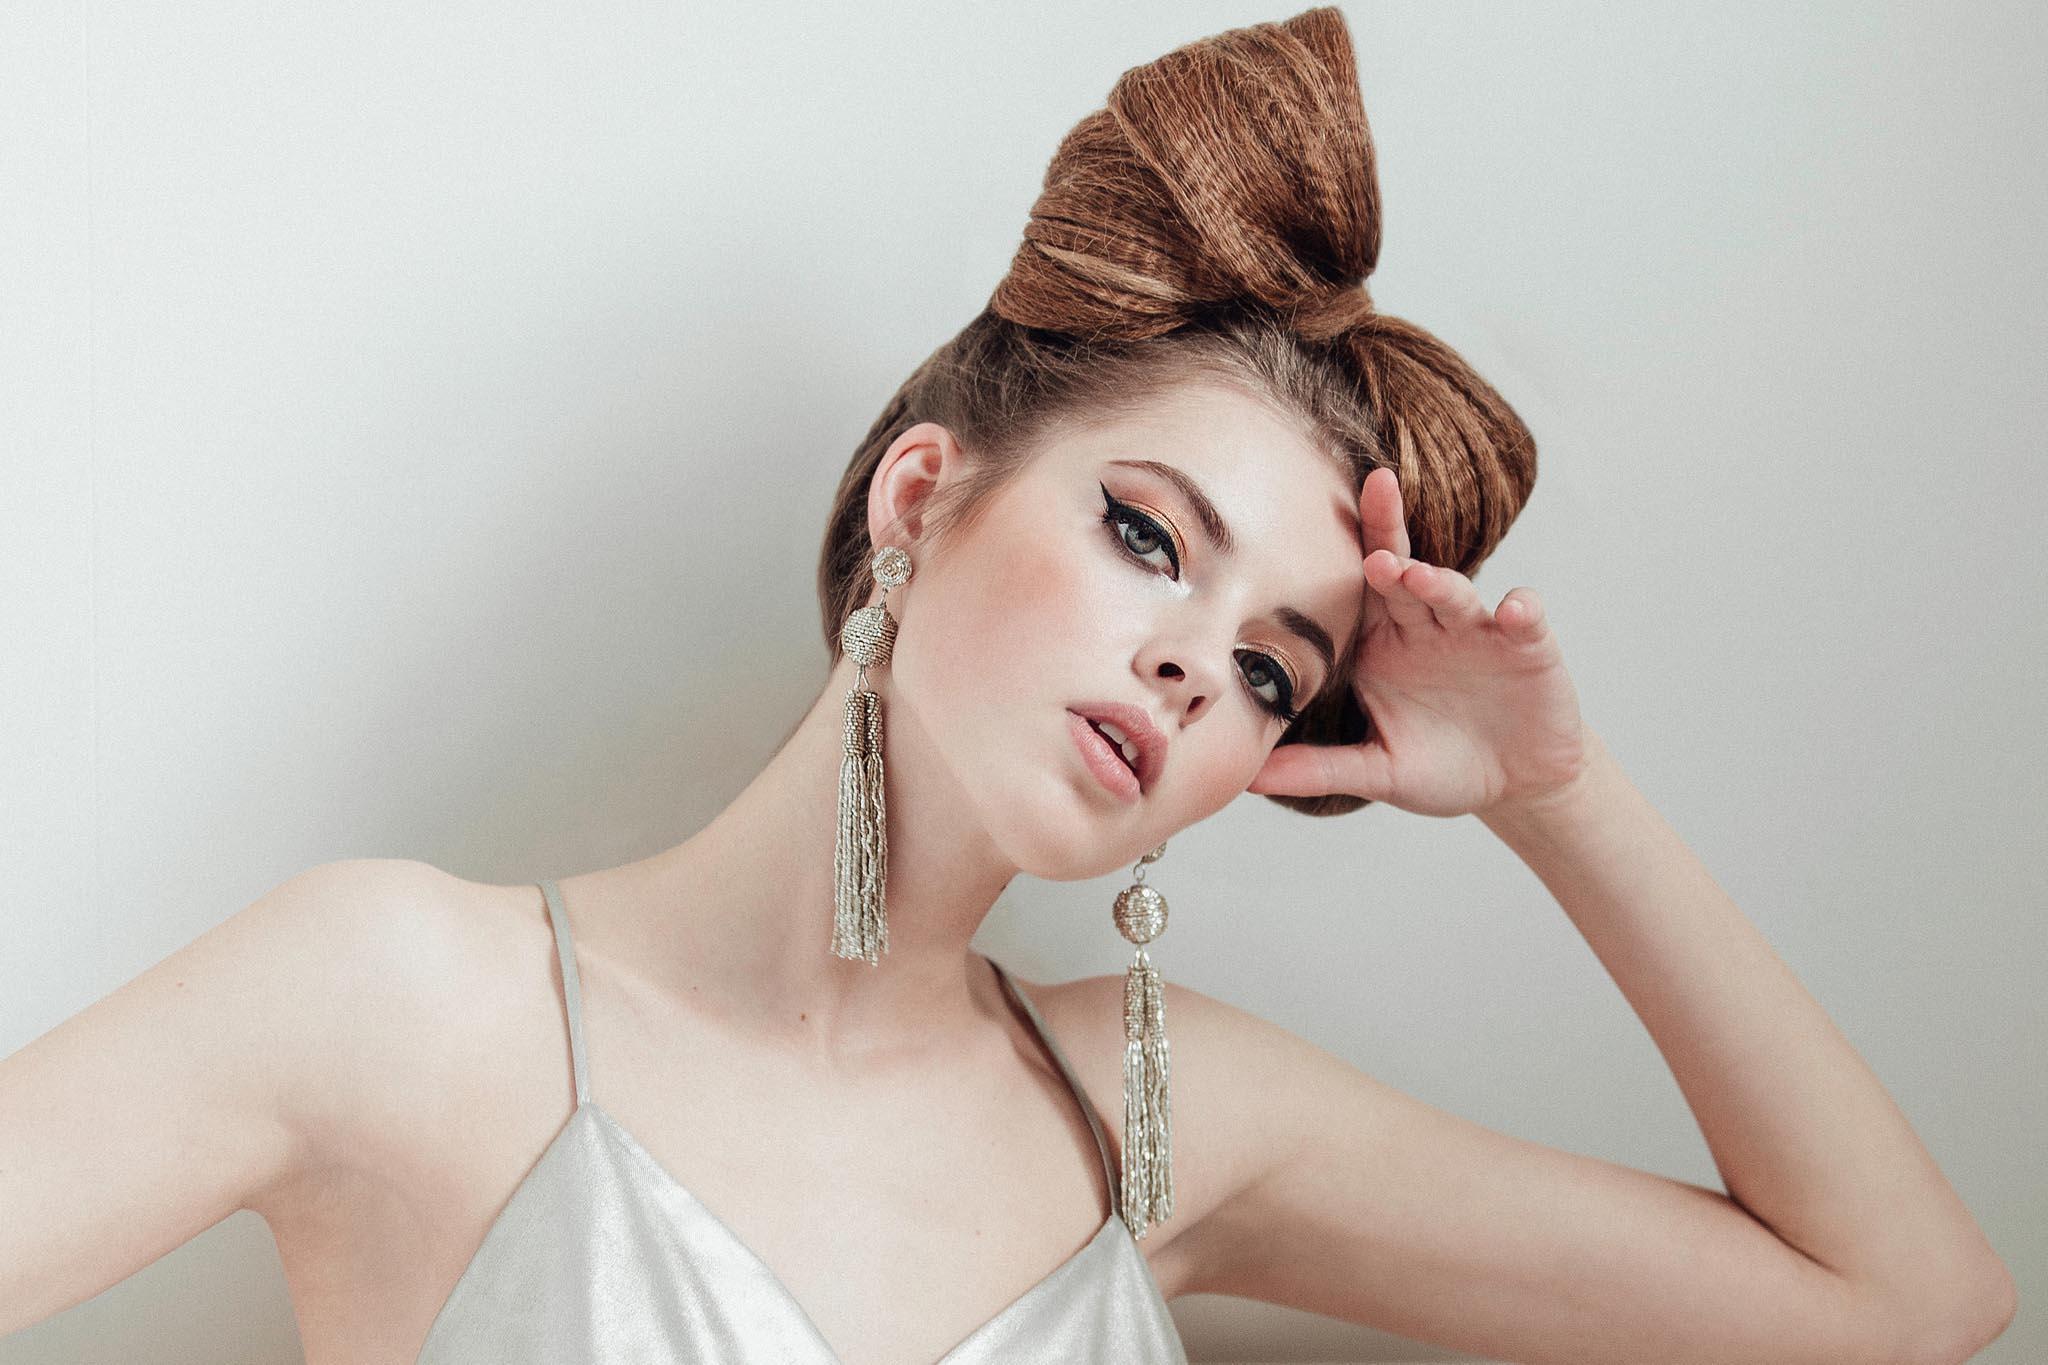 e553490b30 Tendencias de maquillaje y peluquería para novias con personalidad